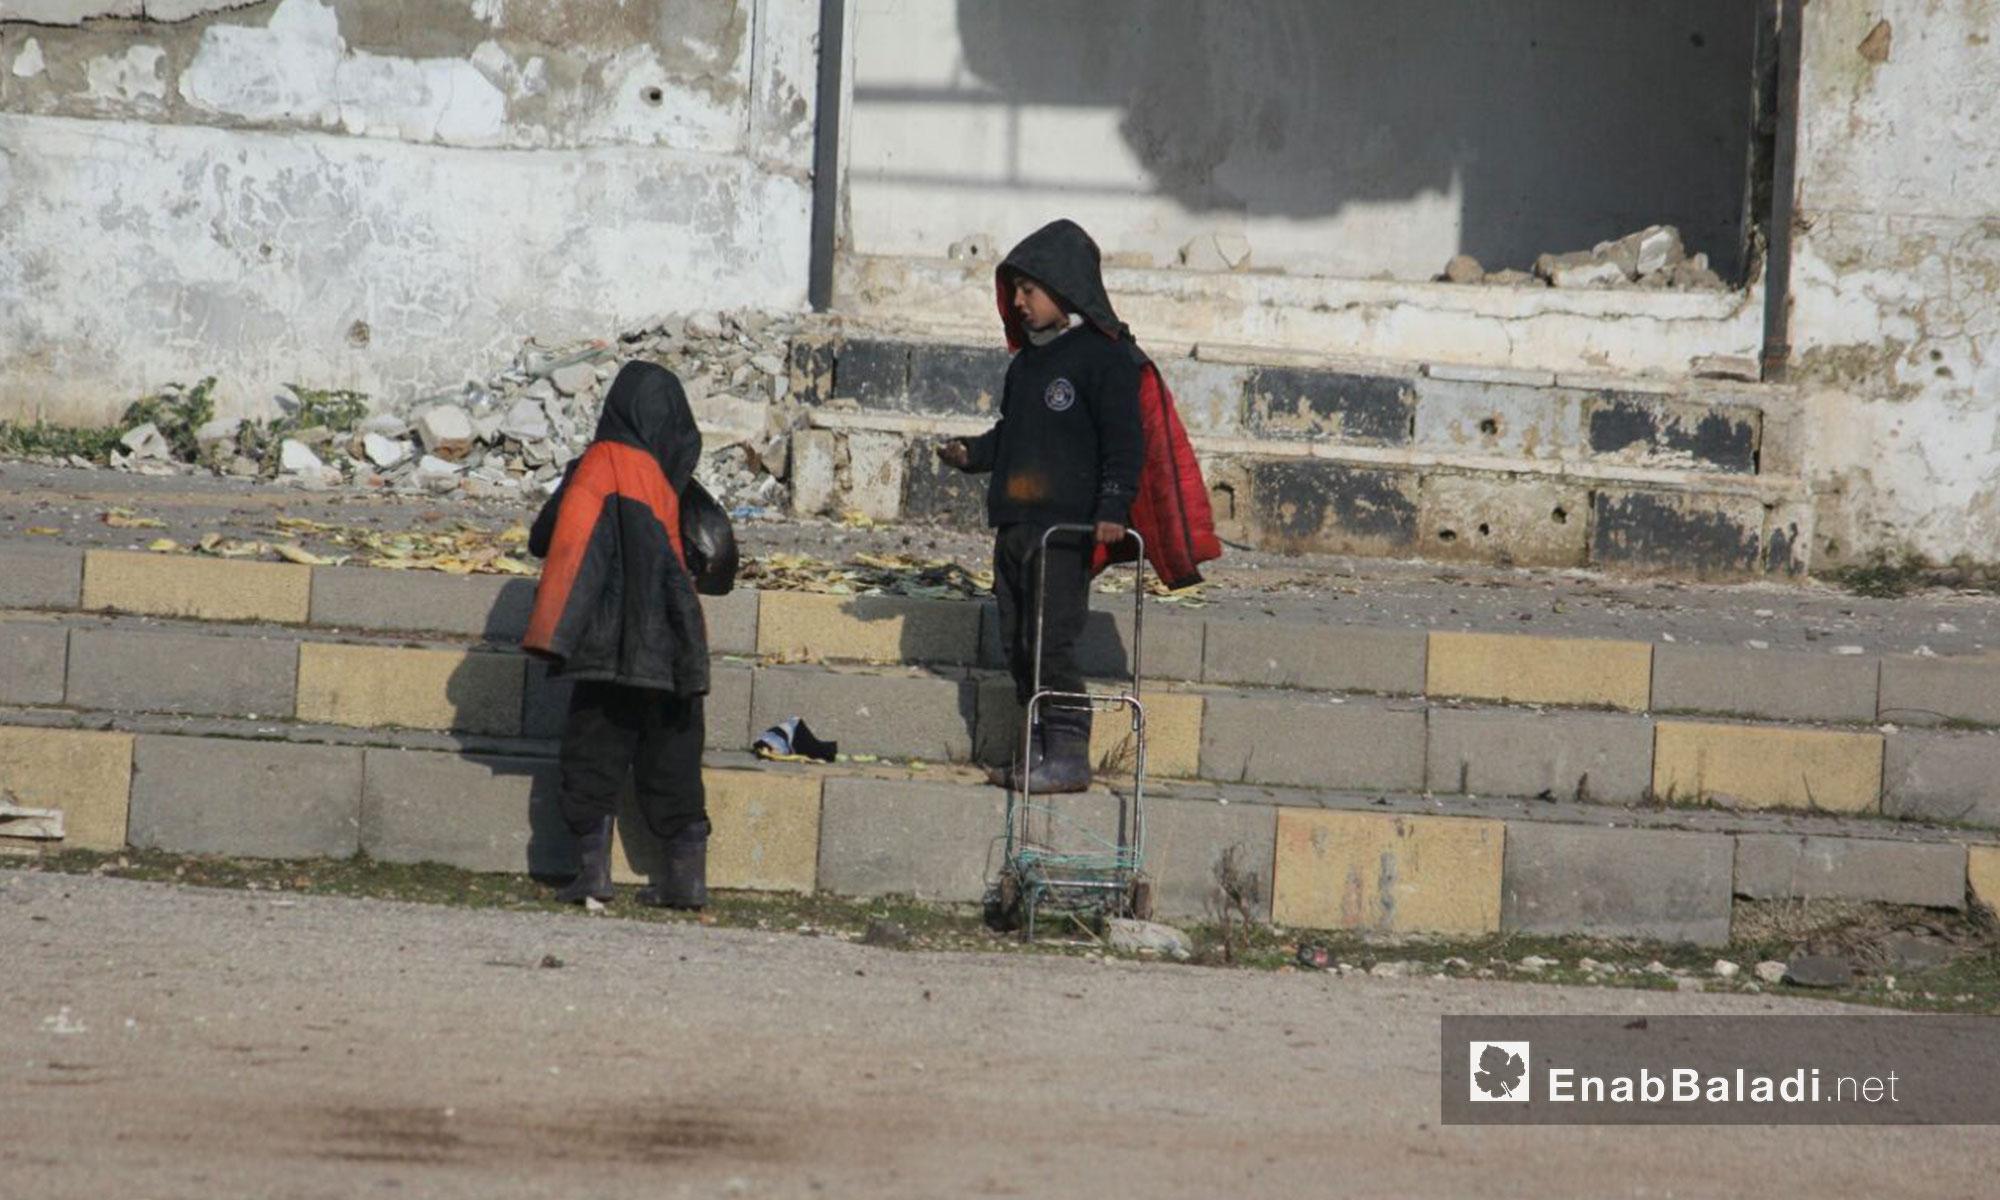 حركة الأهالي داخل حي الوعر المحاصر في حمص - 30 كانون الثاني 2017 (عنب بلدي)